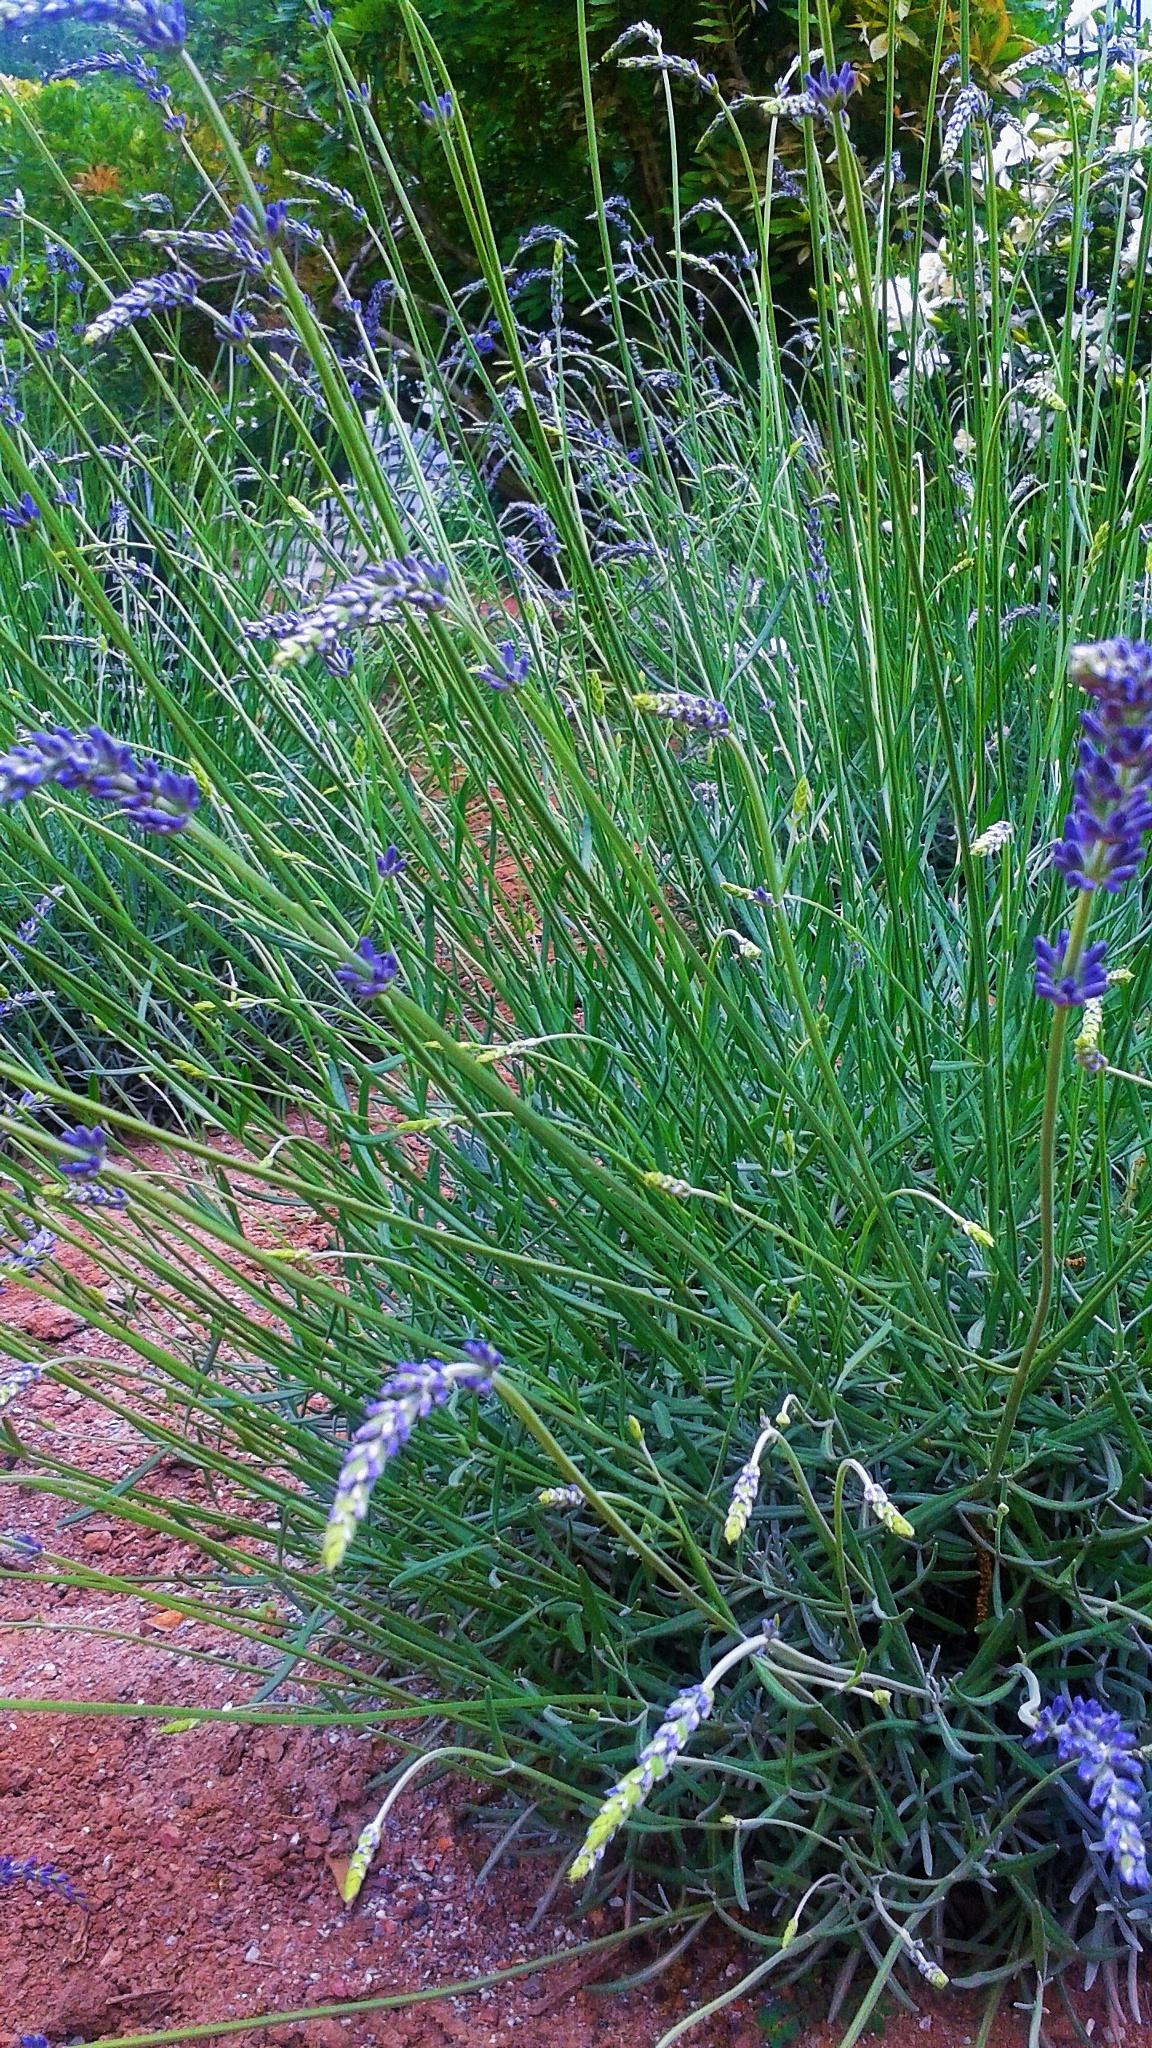 Lavender by Julie Piwaron